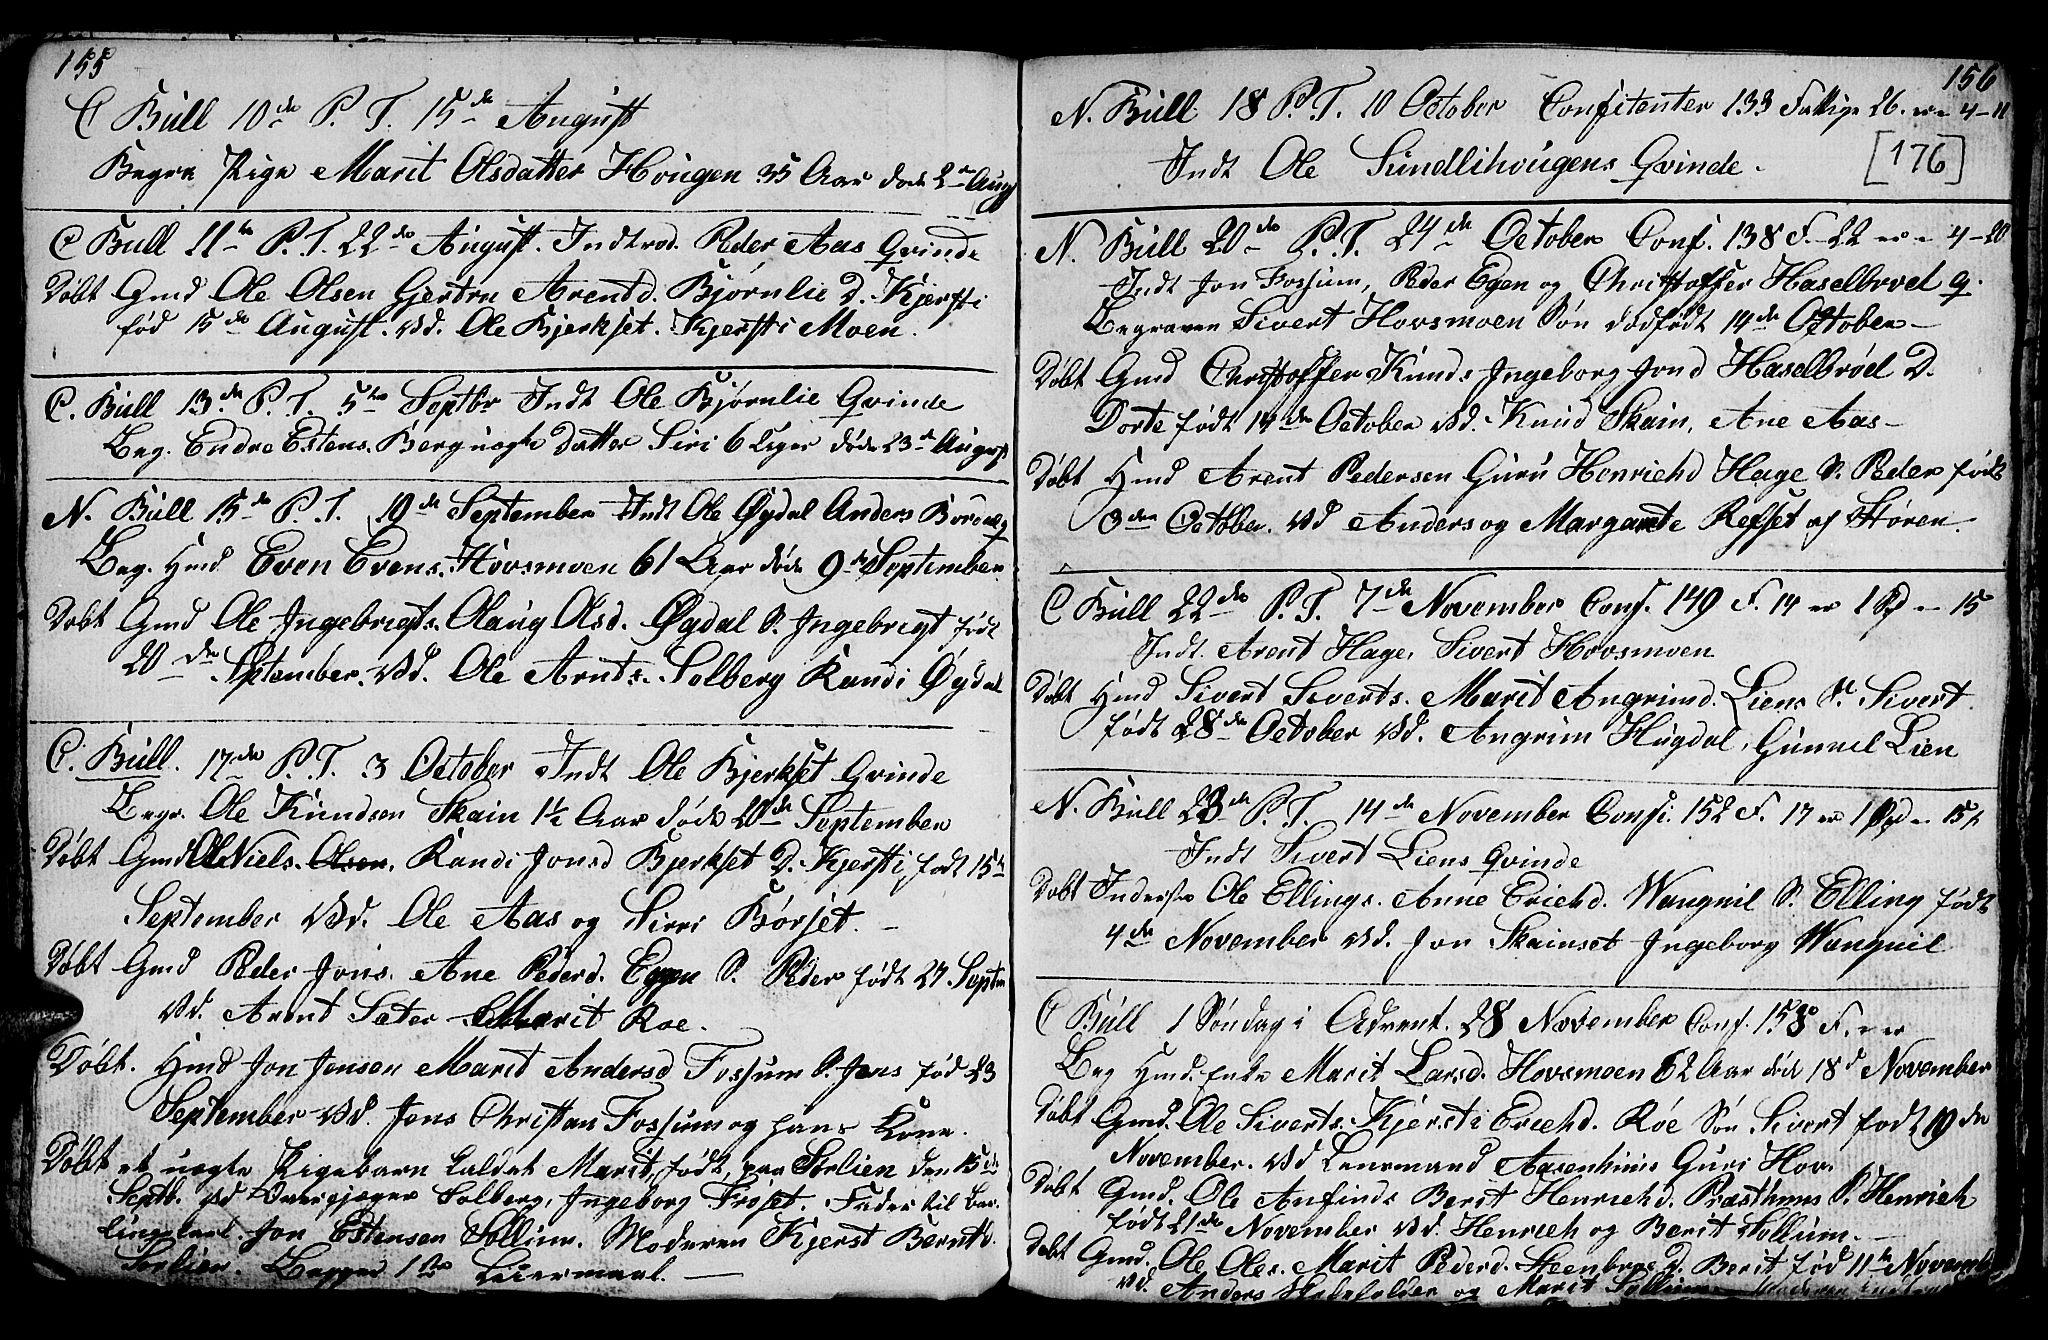 SAT, Ministerialprotokoller, klokkerbøker og fødselsregistre - Sør-Trøndelag, 689/L1042: Klokkerbok nr. 689C01, 1812-1841, s. 175-176